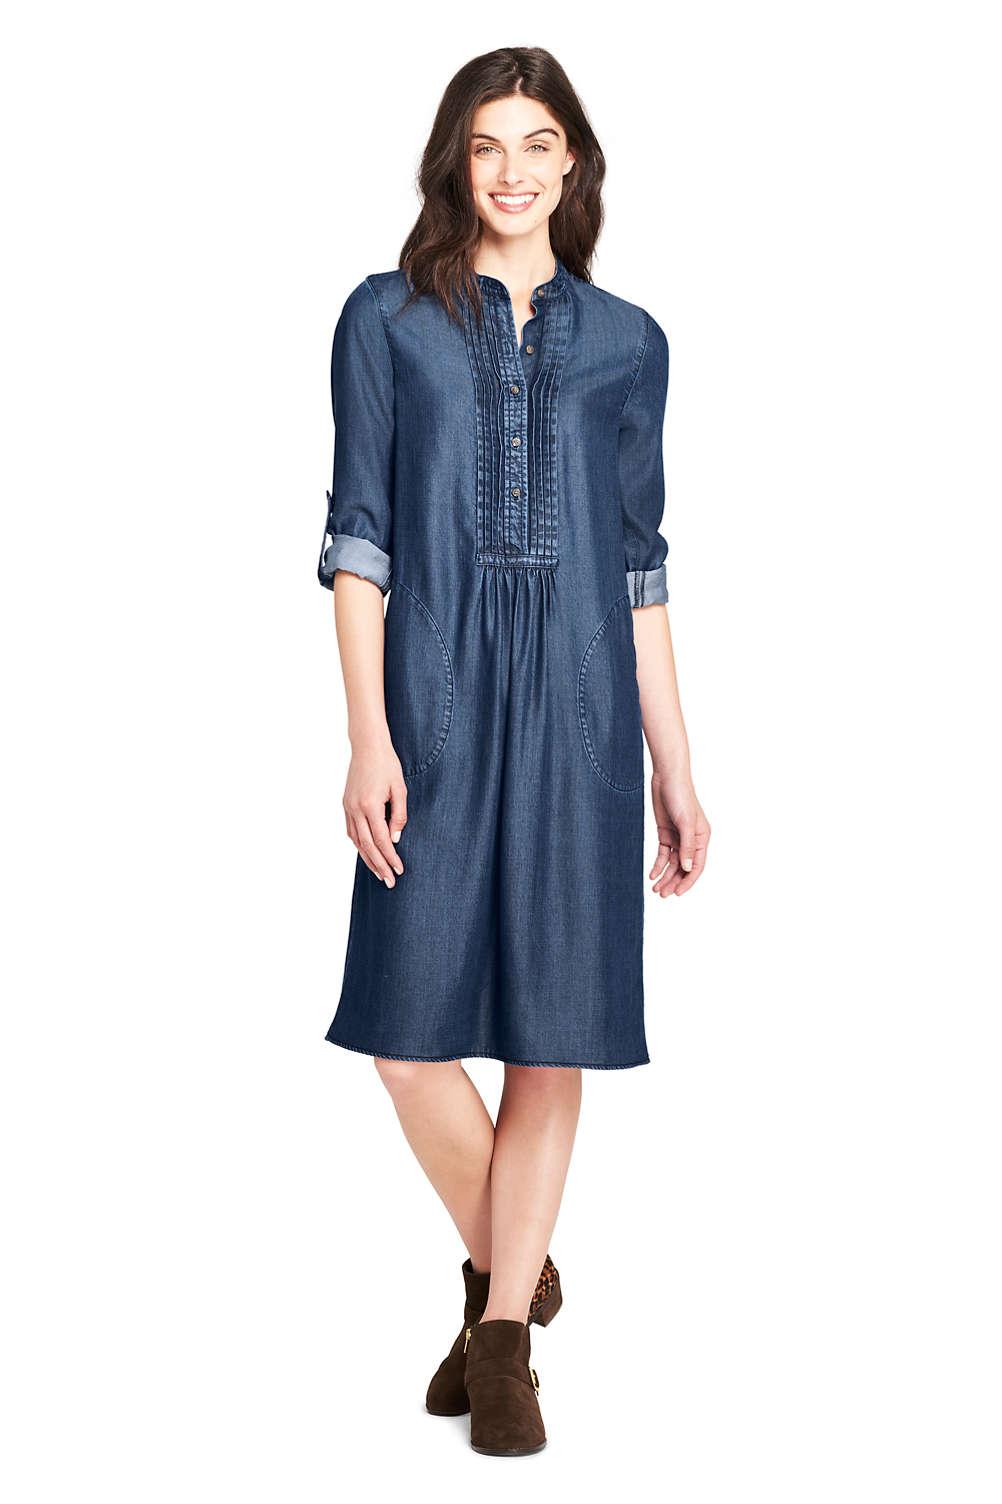 Women s Long Sleeve Tuxedo Bib Shirt Dress from Lands  End 38921115c